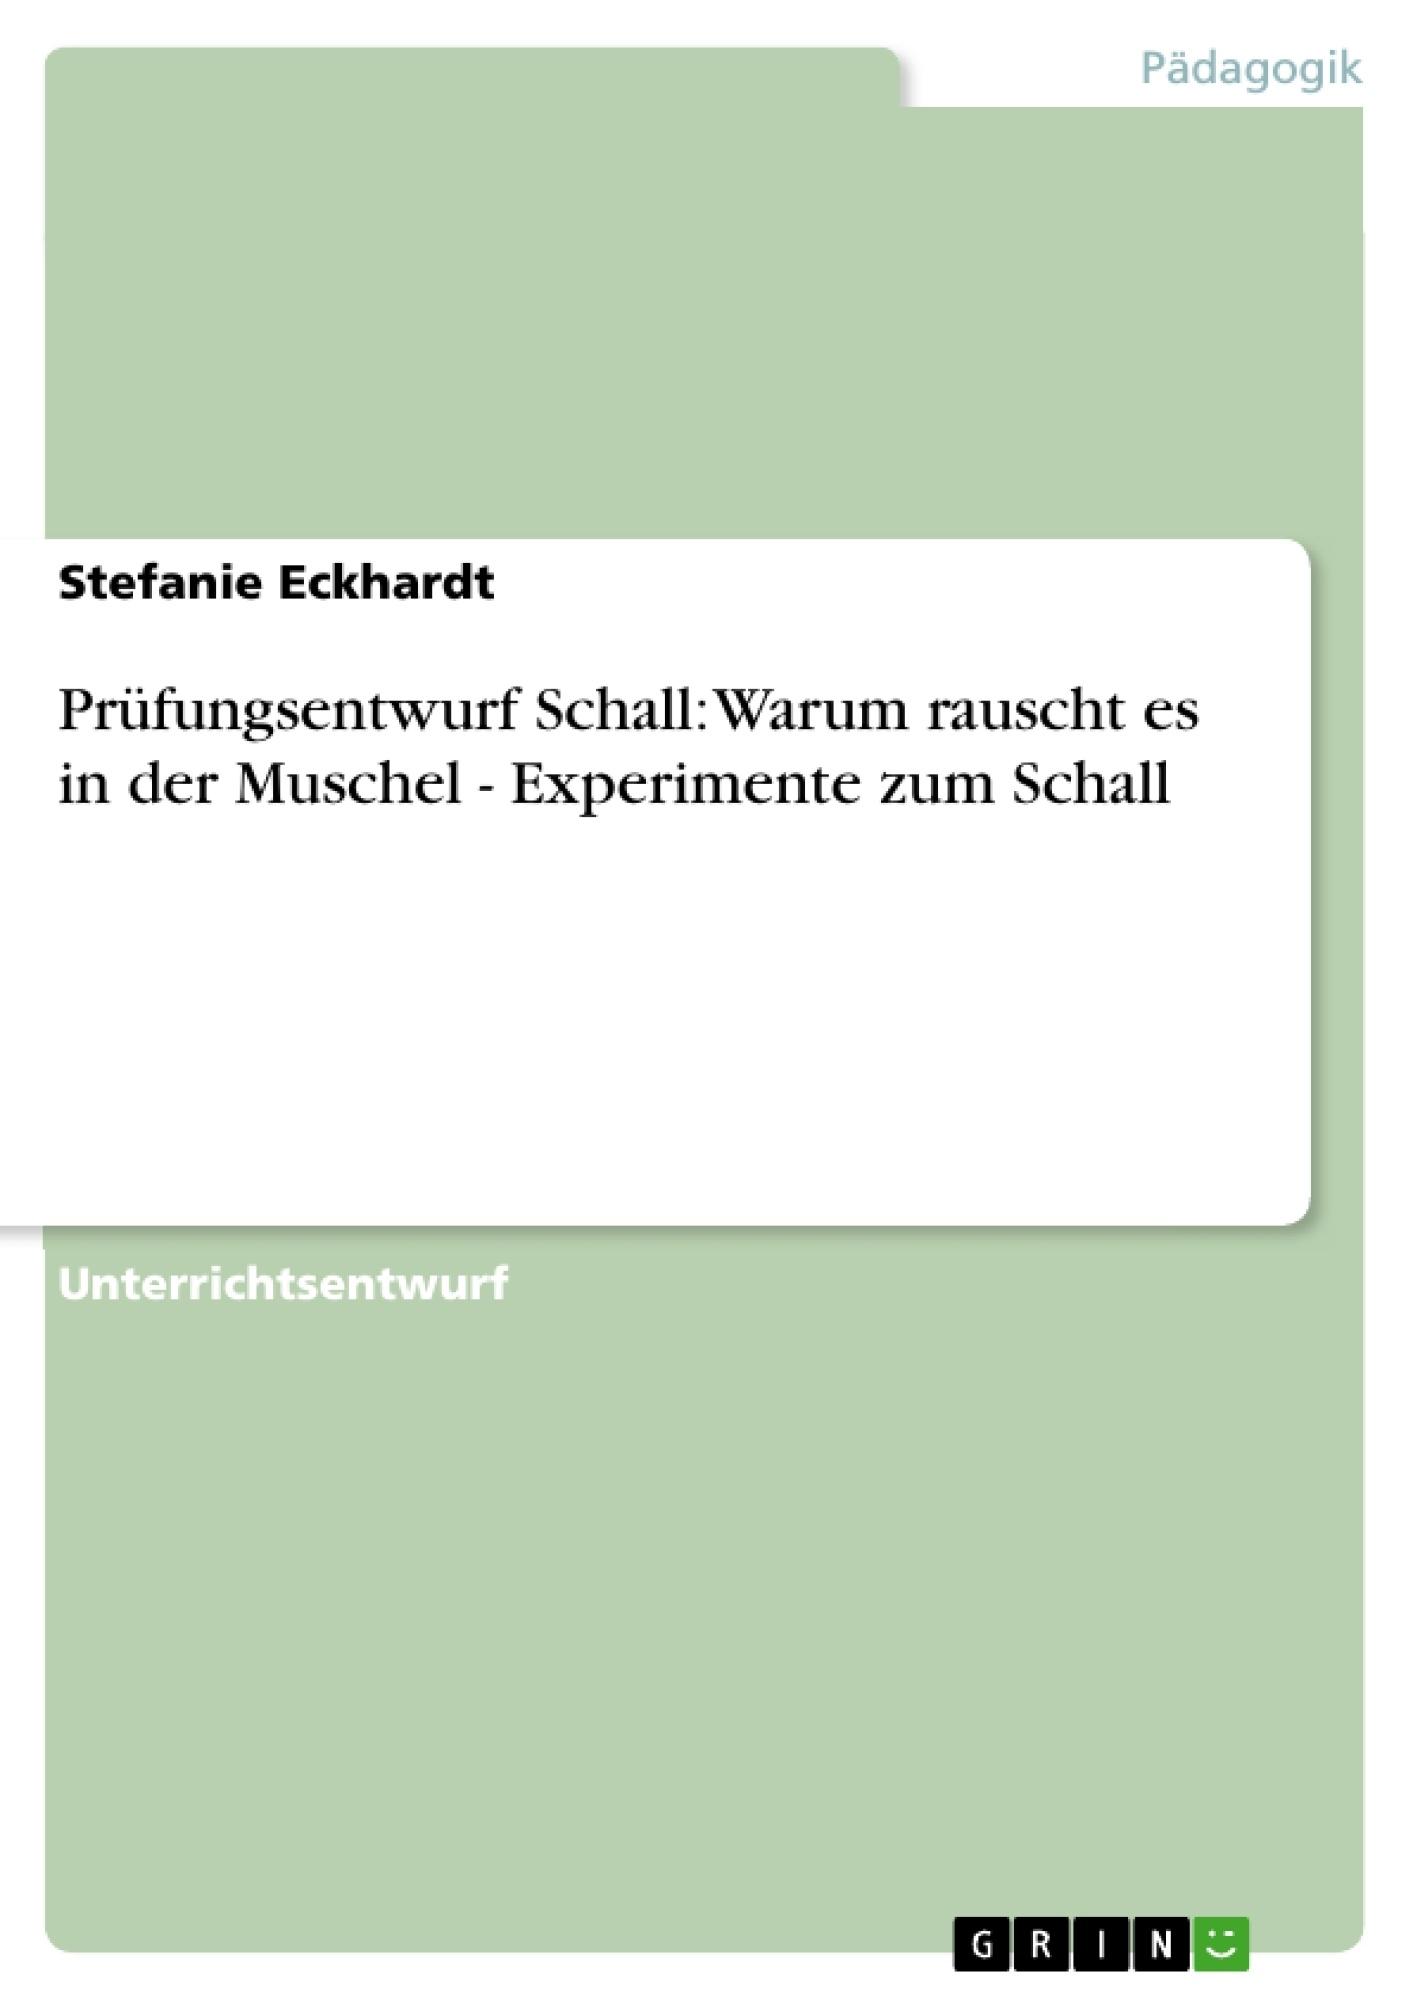 Titel: Prüfungsentwurf Schall: Warum rauscht es in der Muschel - Experimente zum Schall